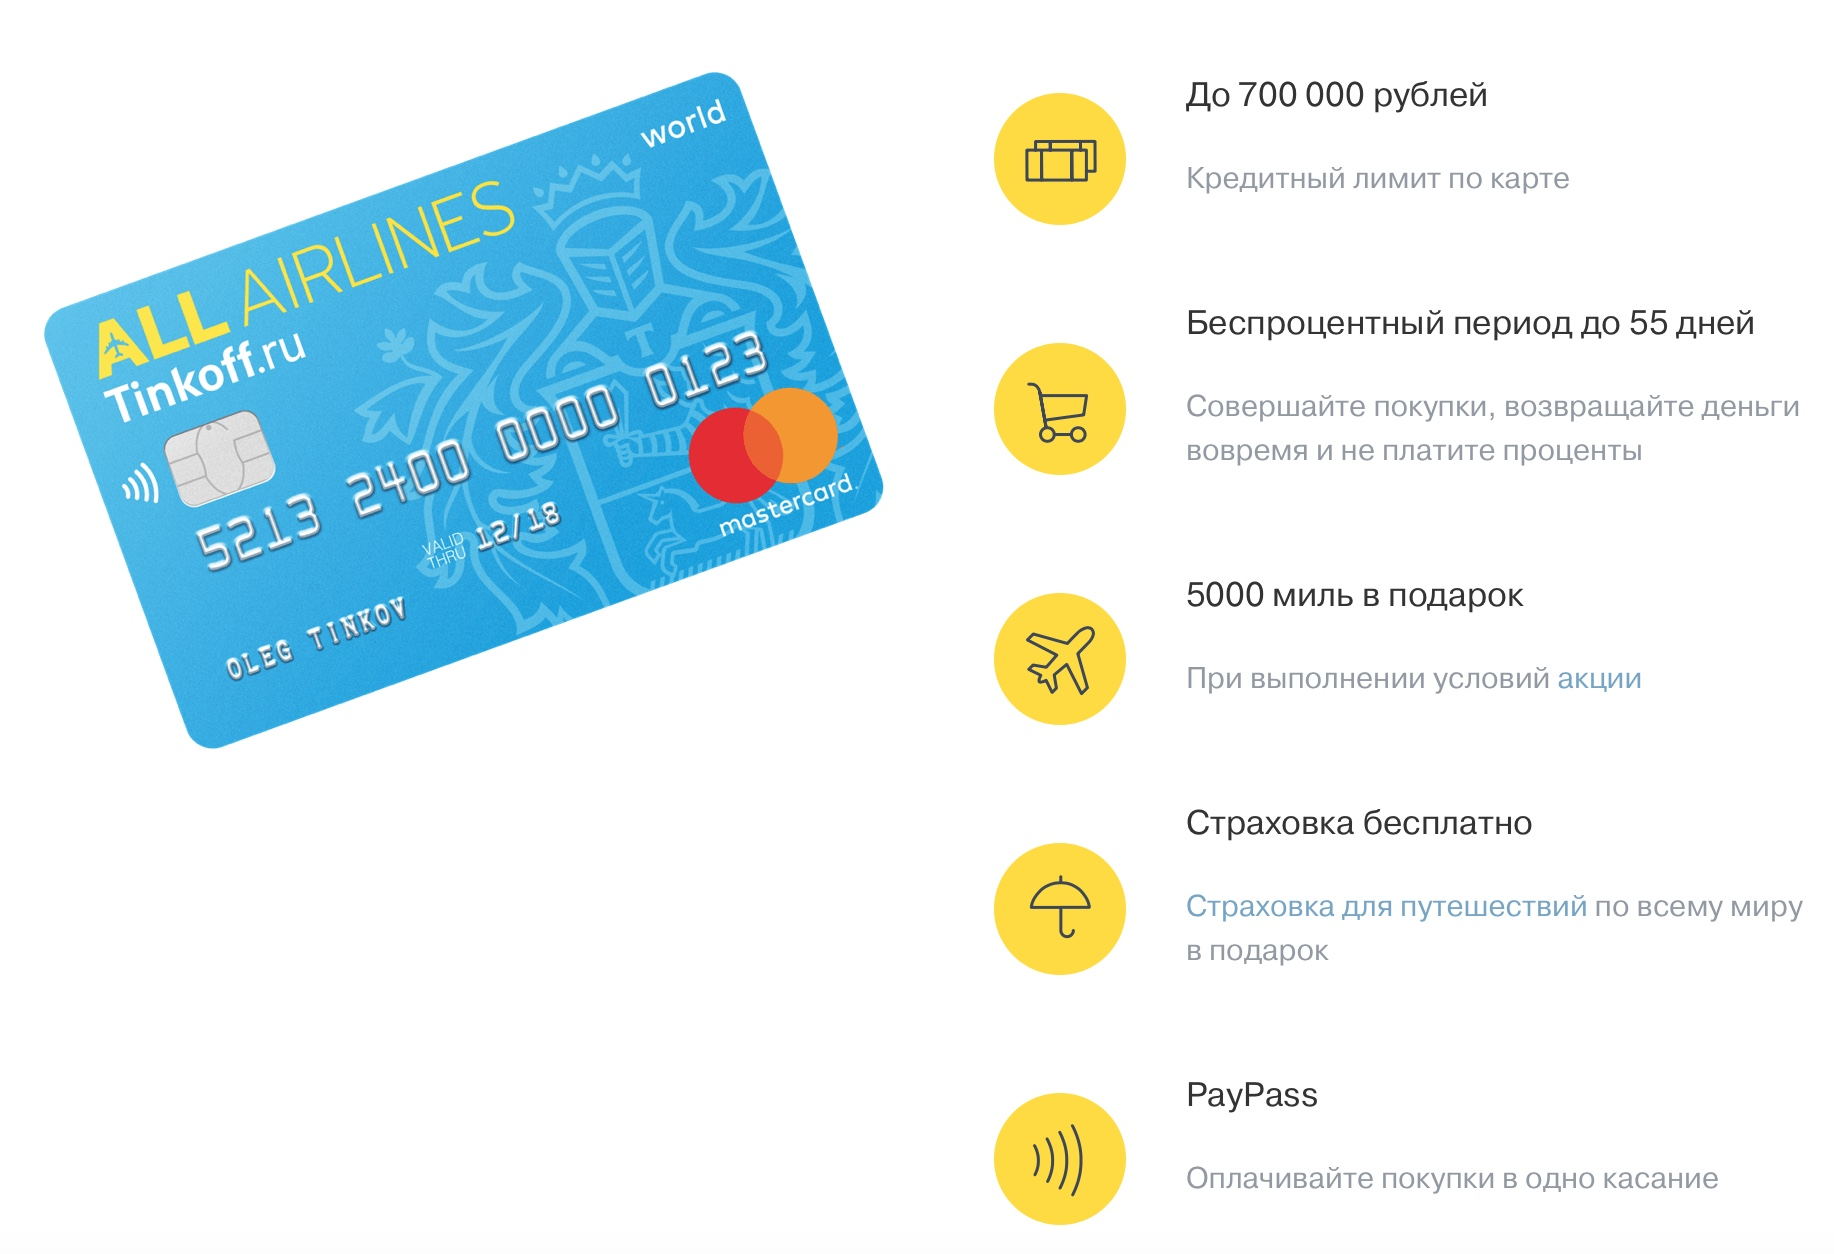 Мильная карта банка Тинькофф